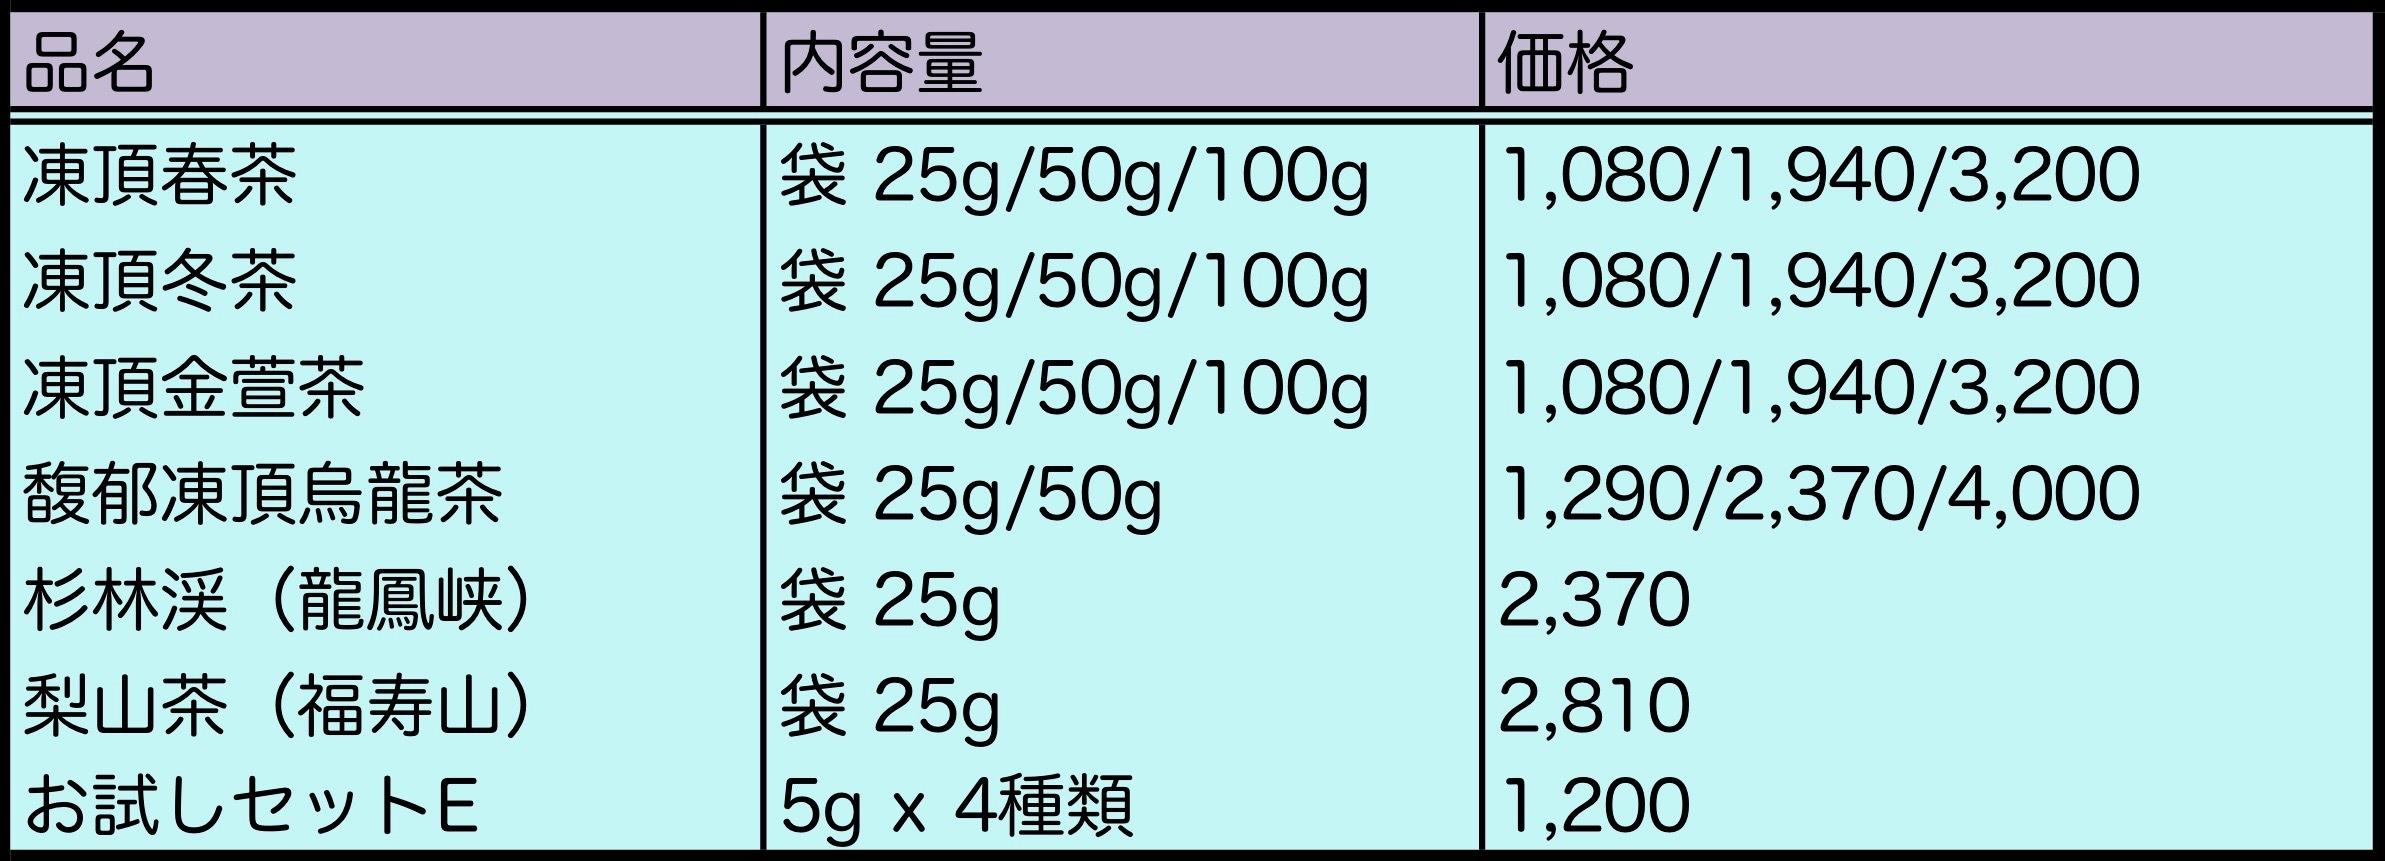 茶譜 2021年5月 ー岩茶以外_b0151300_12392400.jpeg